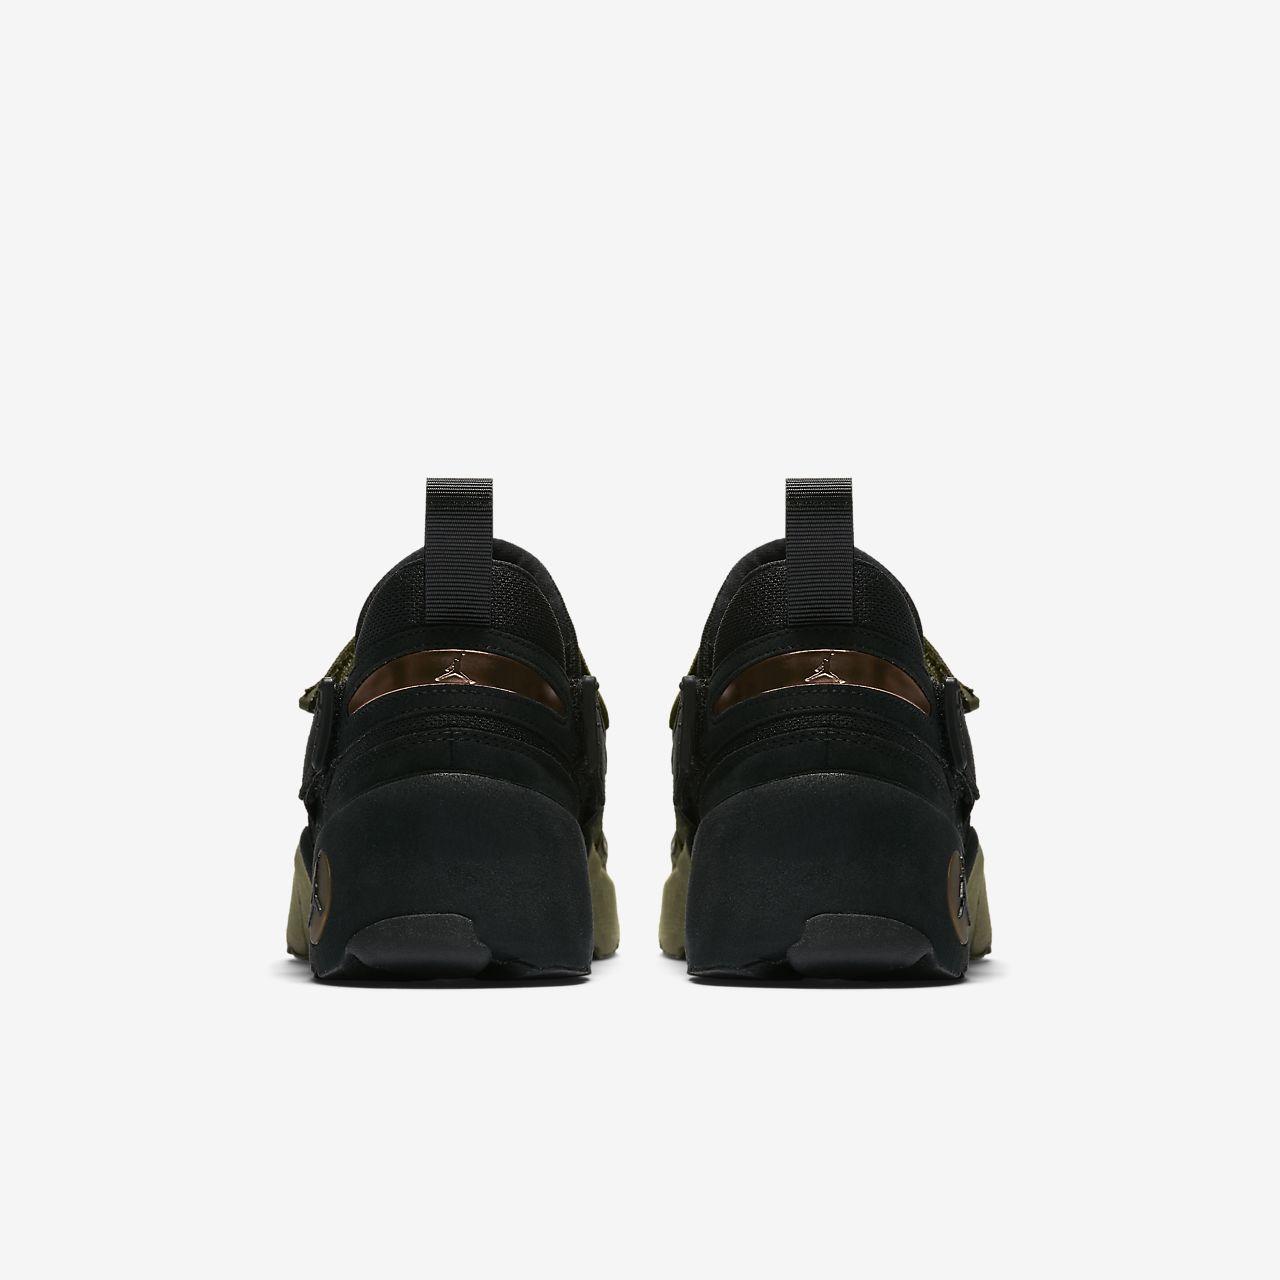 Jordan Trunner LX Premium Heiress Big Kids Shoe ... Jordan Trunner LX  Premium Heiress Big Kids Shoe Sneaker Other WomensMens UK NIKE ... 52eabb927